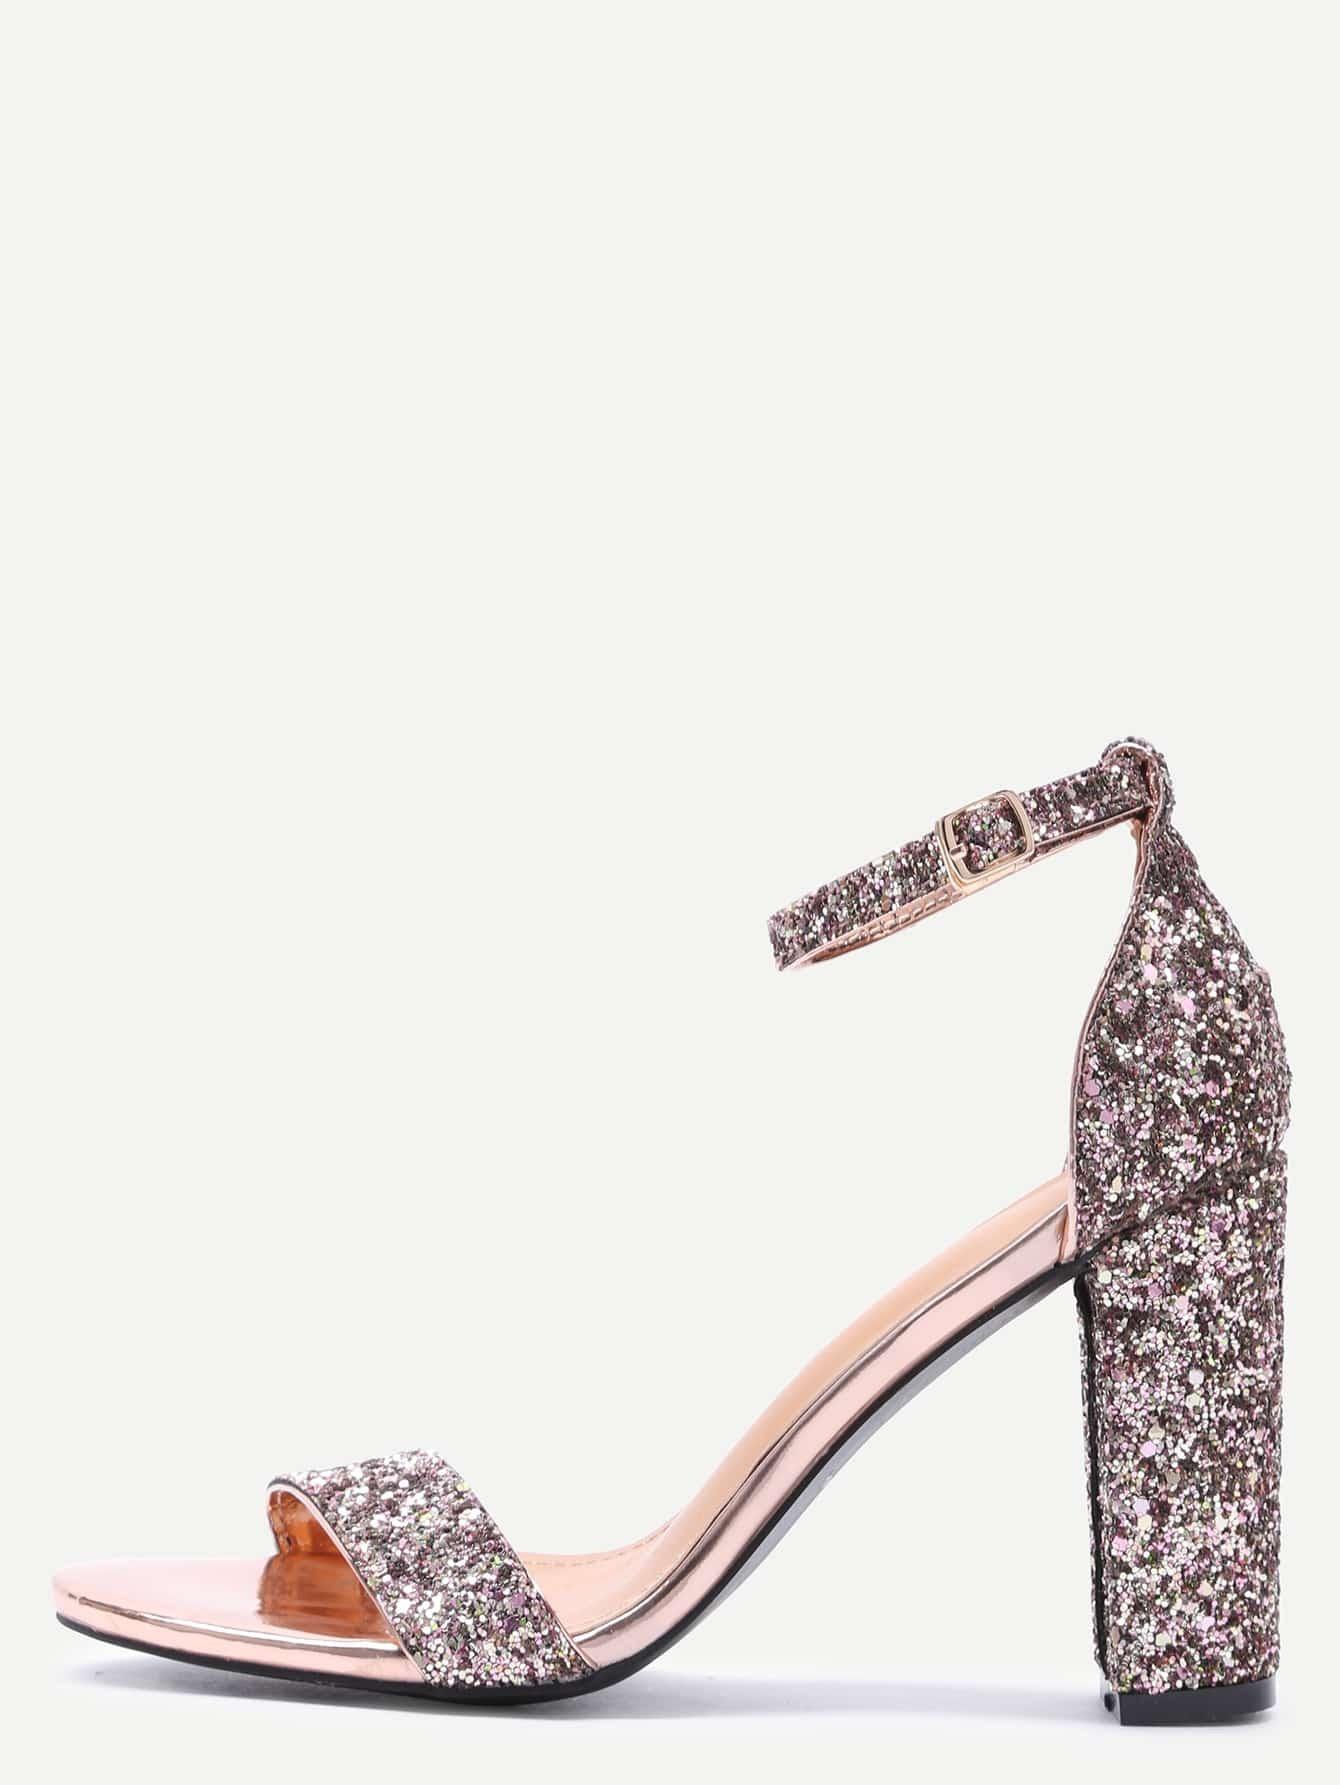 shoes161116803_2